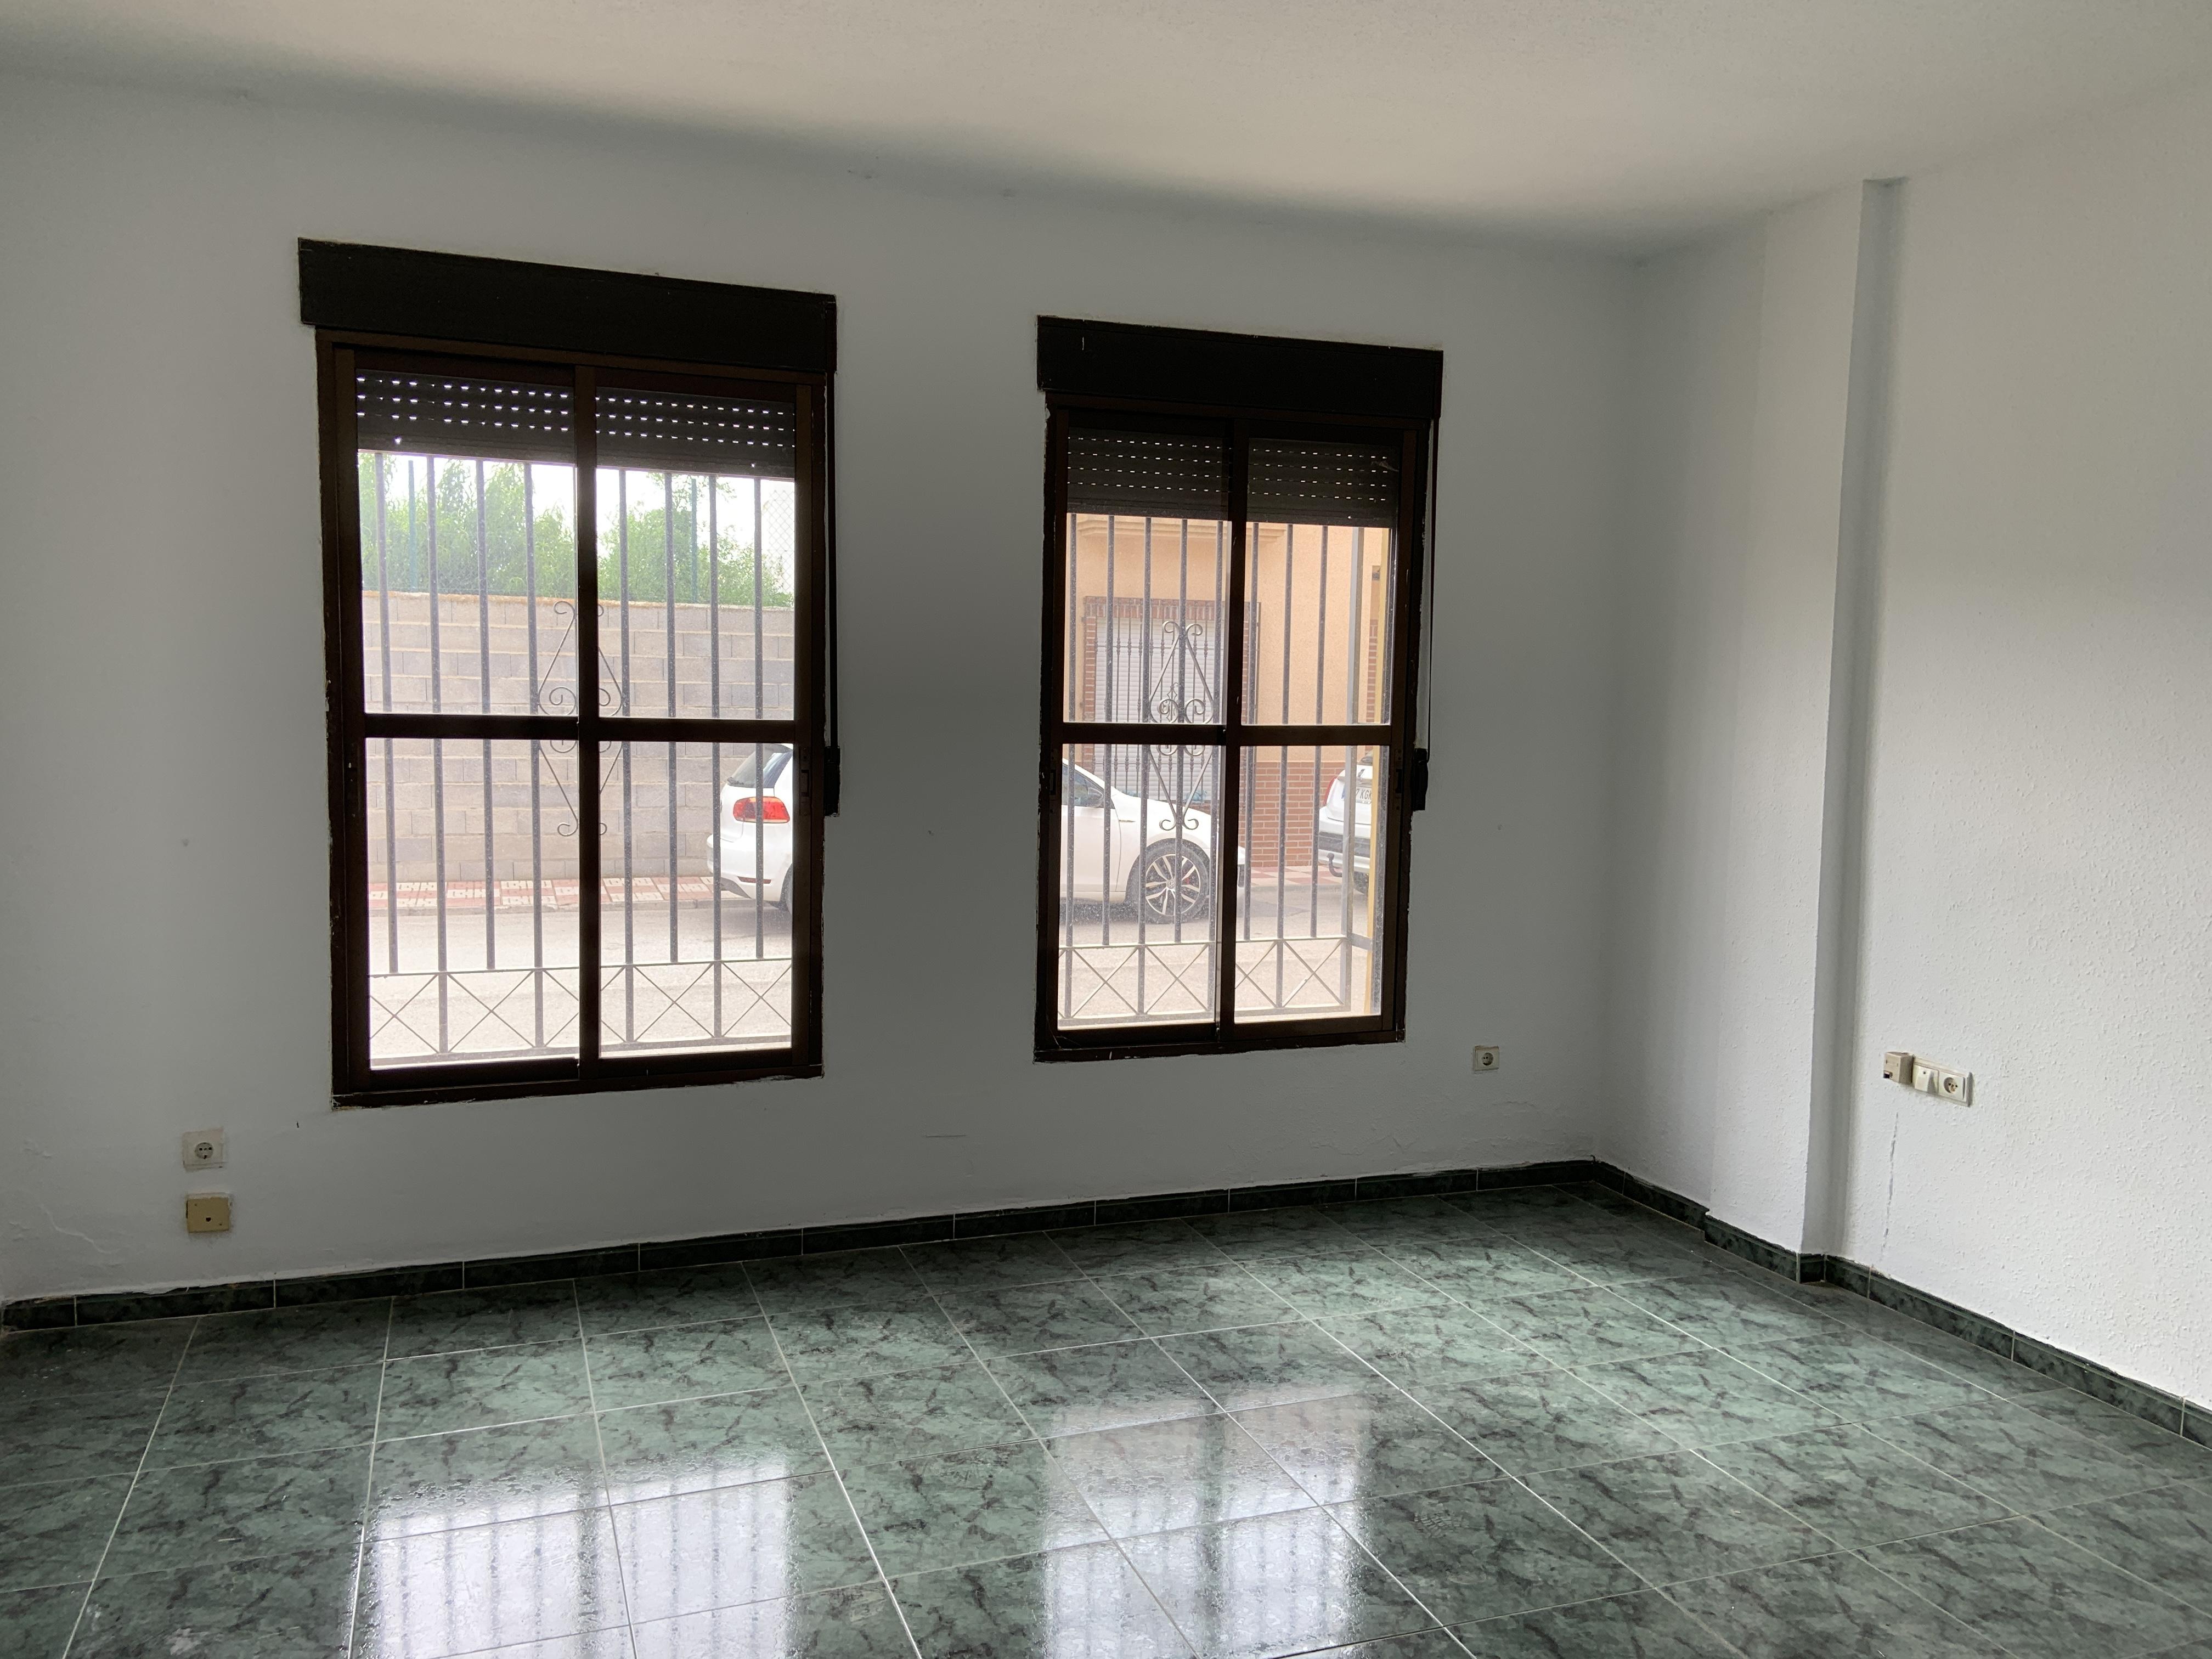 Piso en venta en Valderrubio, Pinos Puente, Granada, Calle S/n, 76.000 €, 3 habitaciones, 2 baños, 117 m2